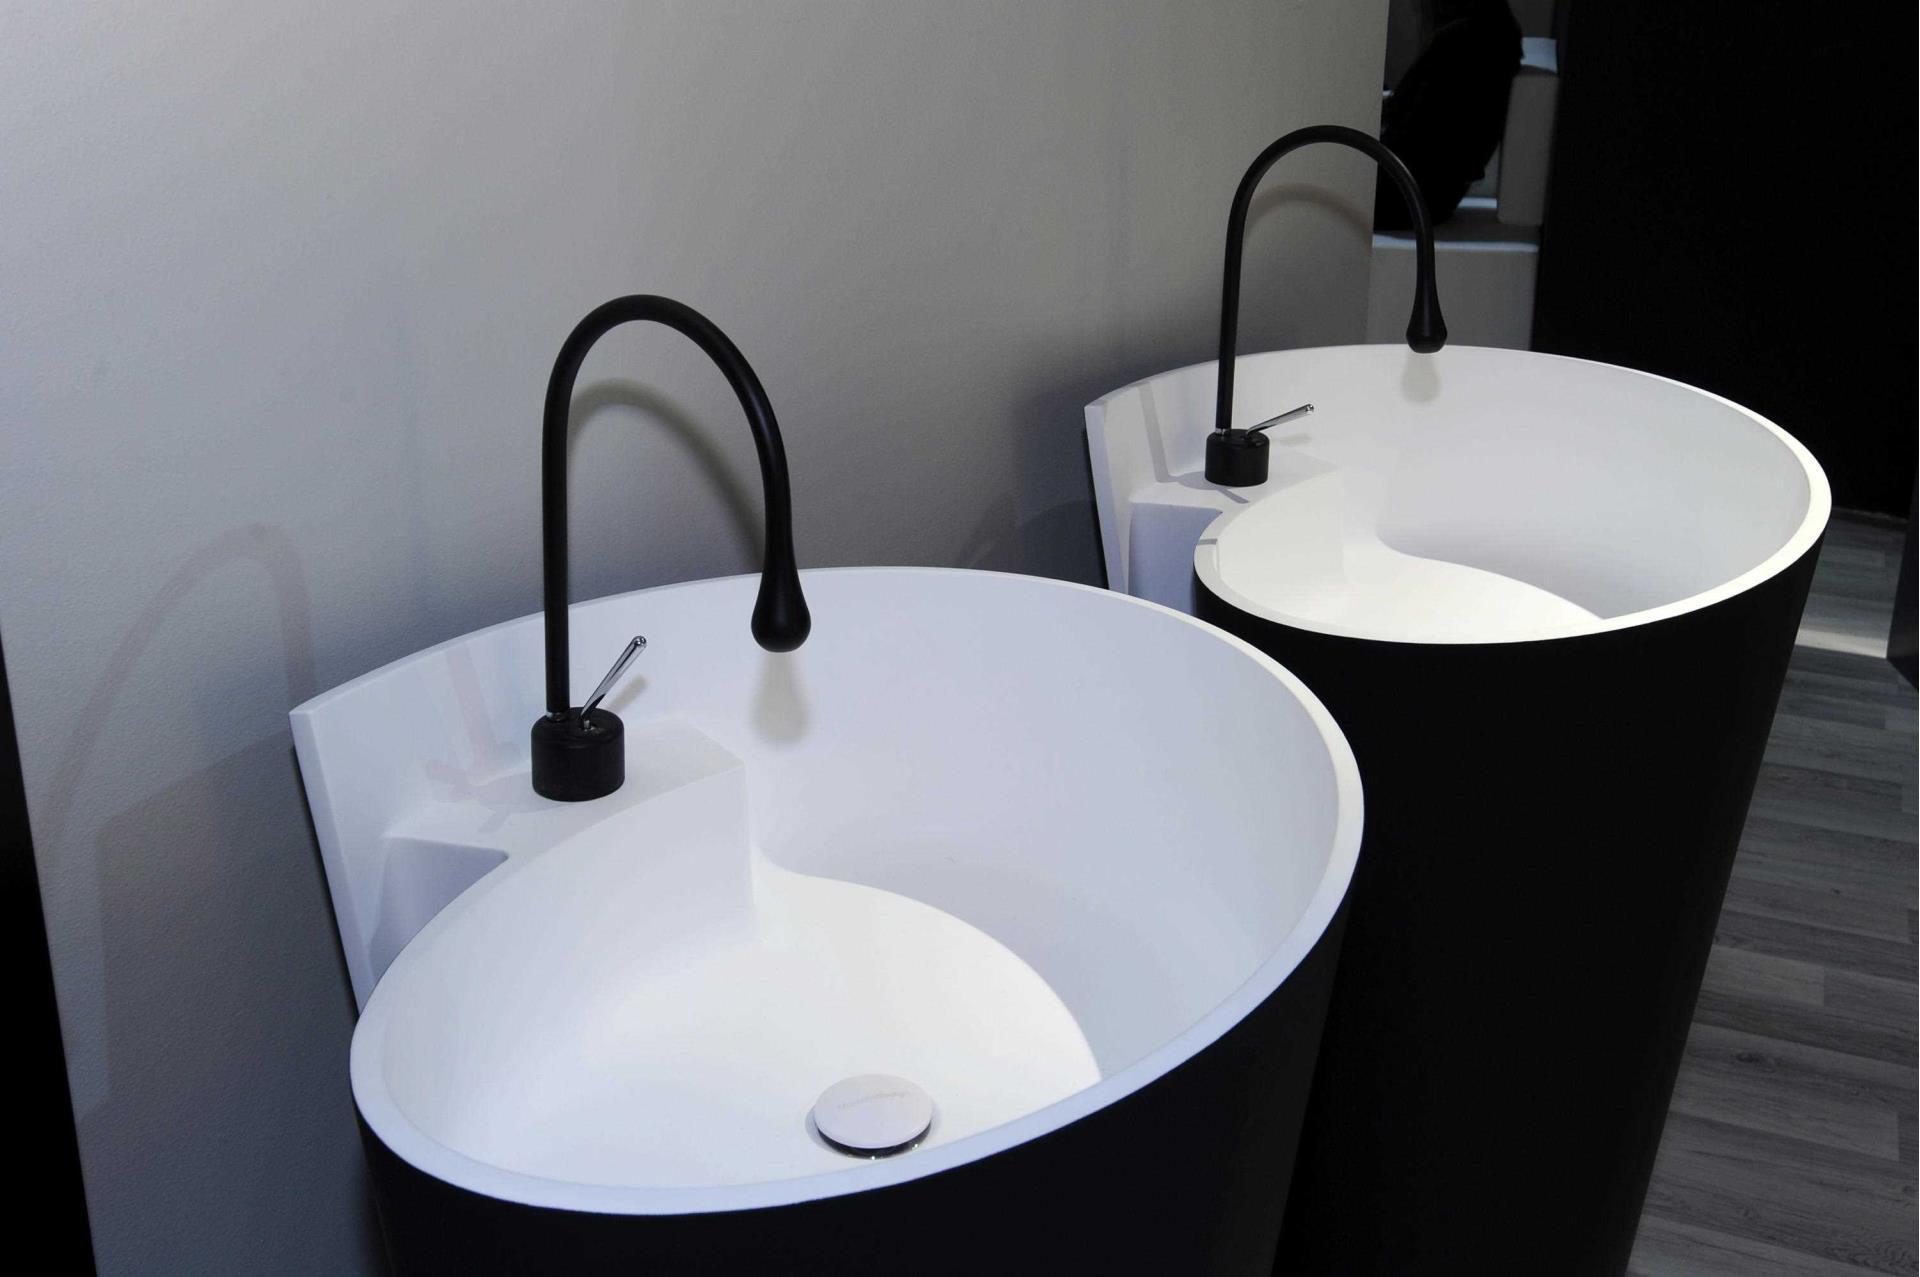 fliesen sanit re badeinrichtung s dtirol kon bicolor freistehender waschtisch von mastella. Black Bedroom Furniture Sets. Home Design Ideas